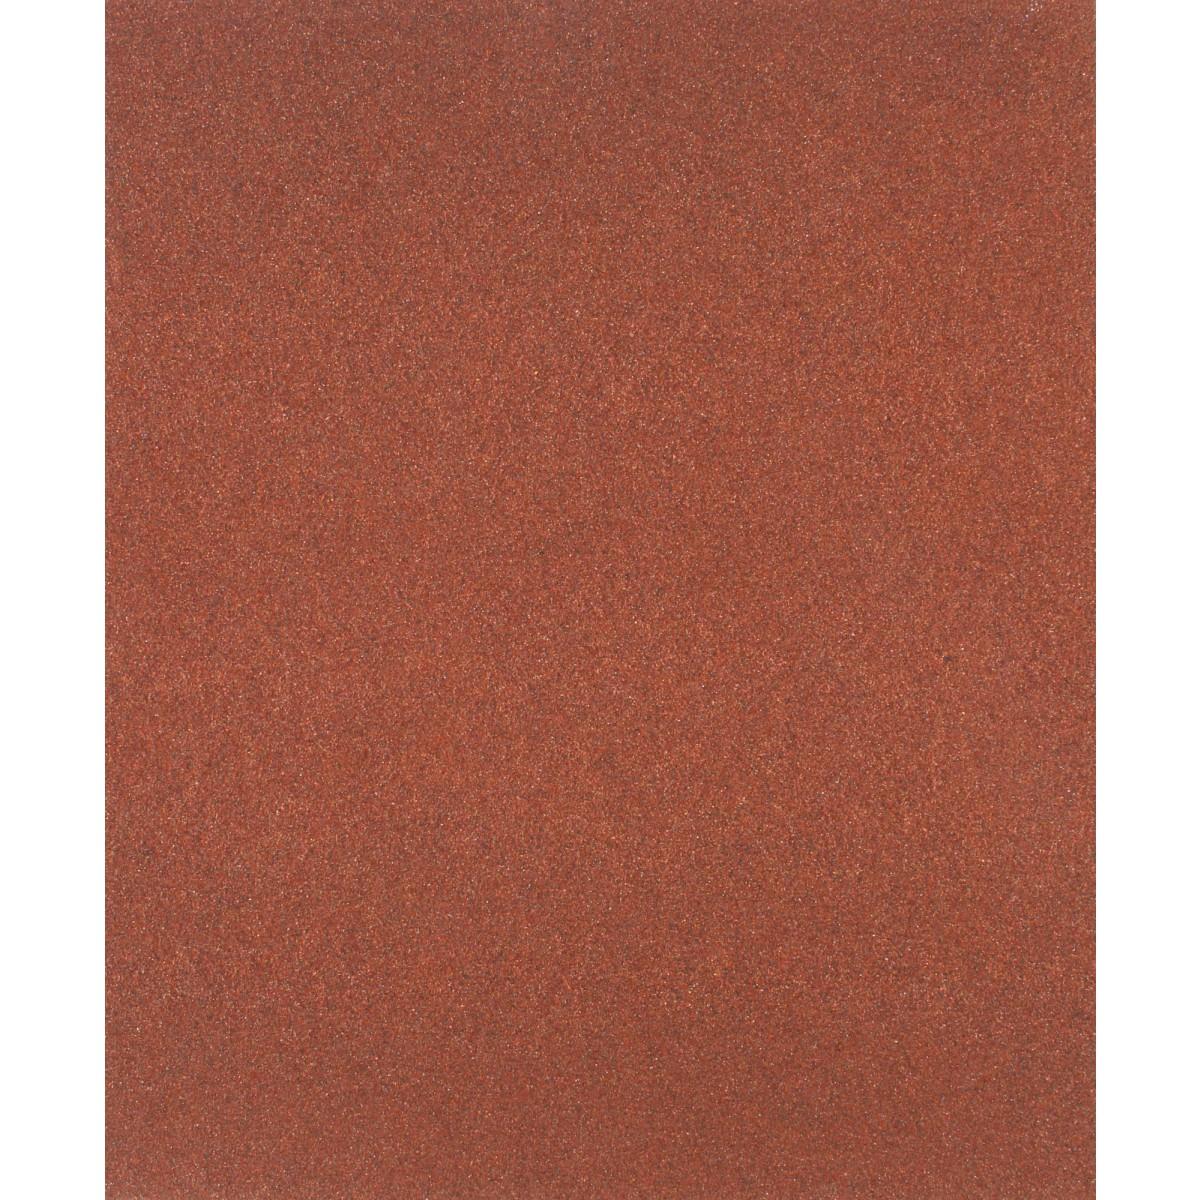 Papier corindon 230 x 280 mm SCID - Grain 80 - Vendu par 1